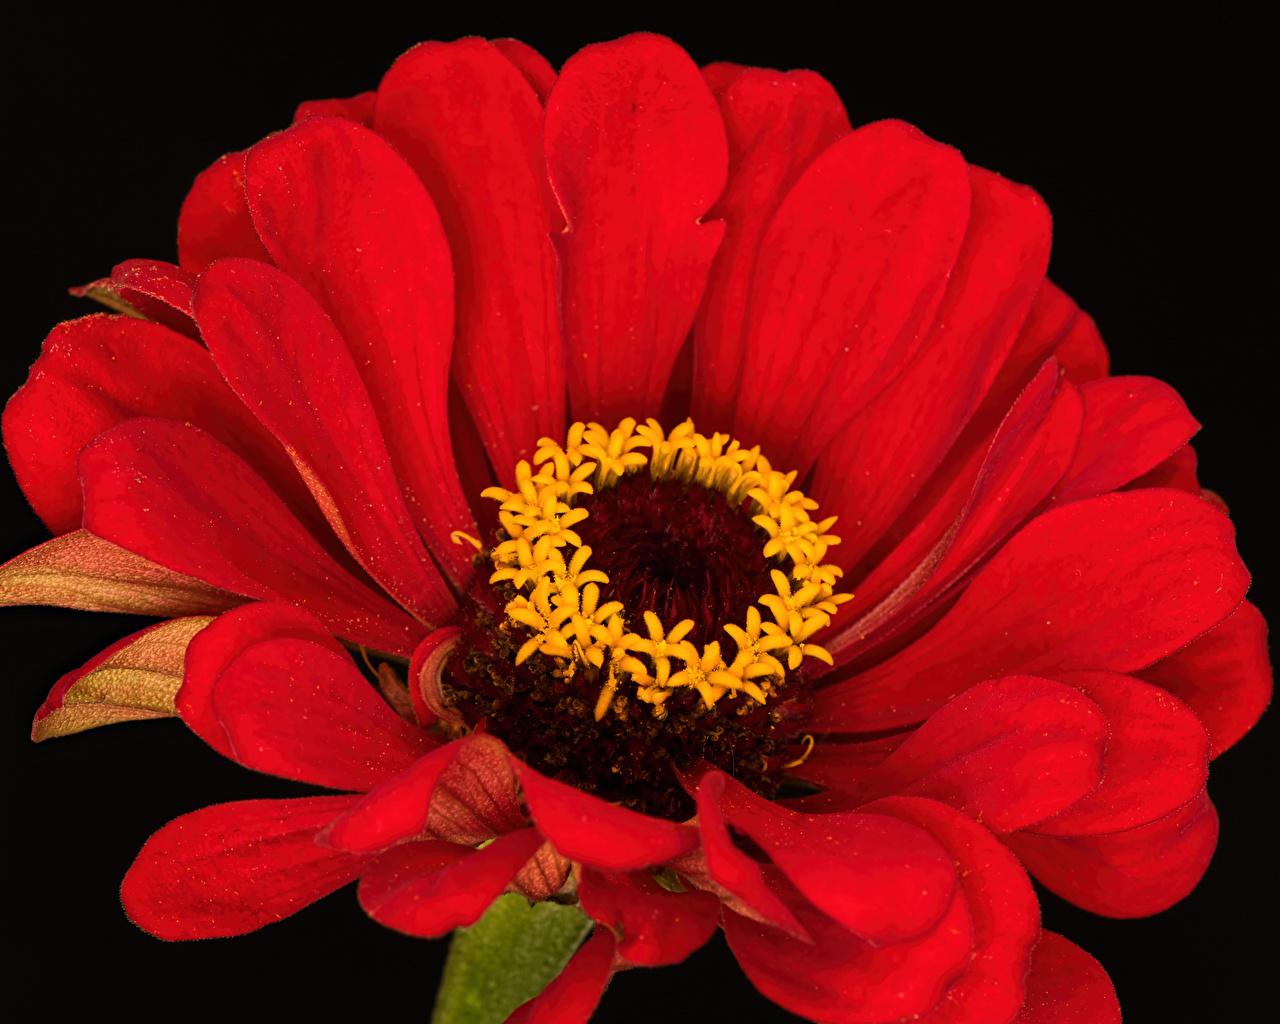 Картинки Красный Цветы Циннии Черный фон Крупным планом красных красные красная цветок Майоры вблизи на черном фоне